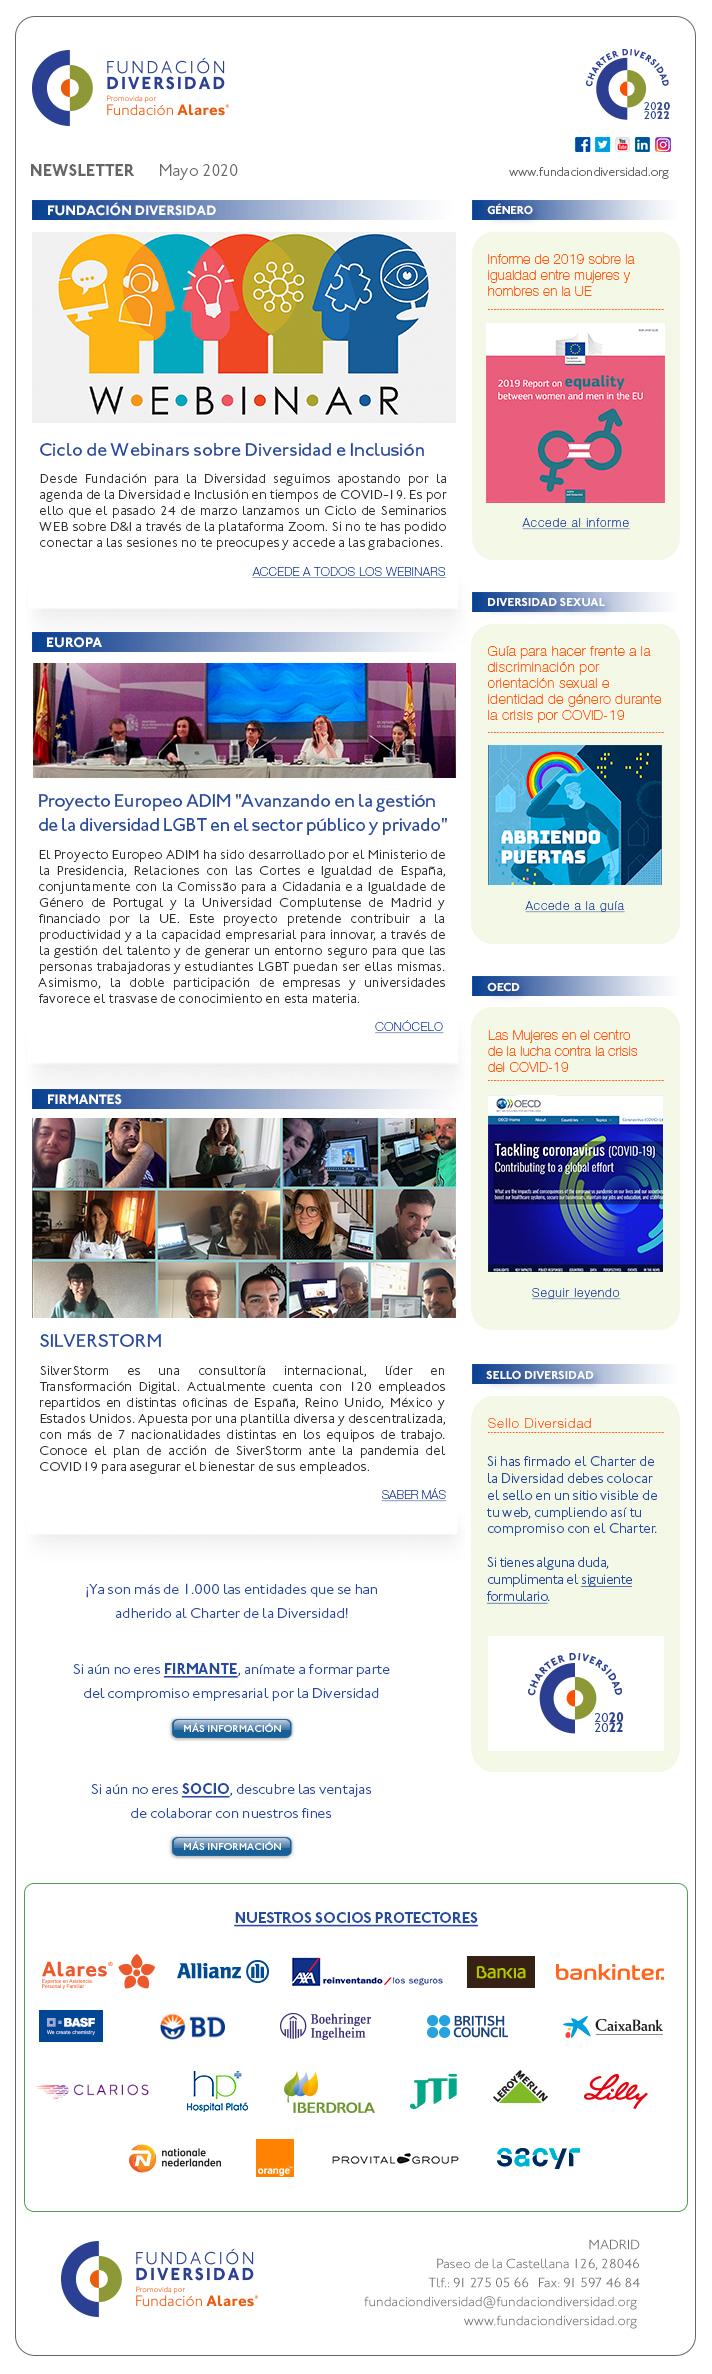 Newsletter Mayo 2020 | Fundación Diversidad